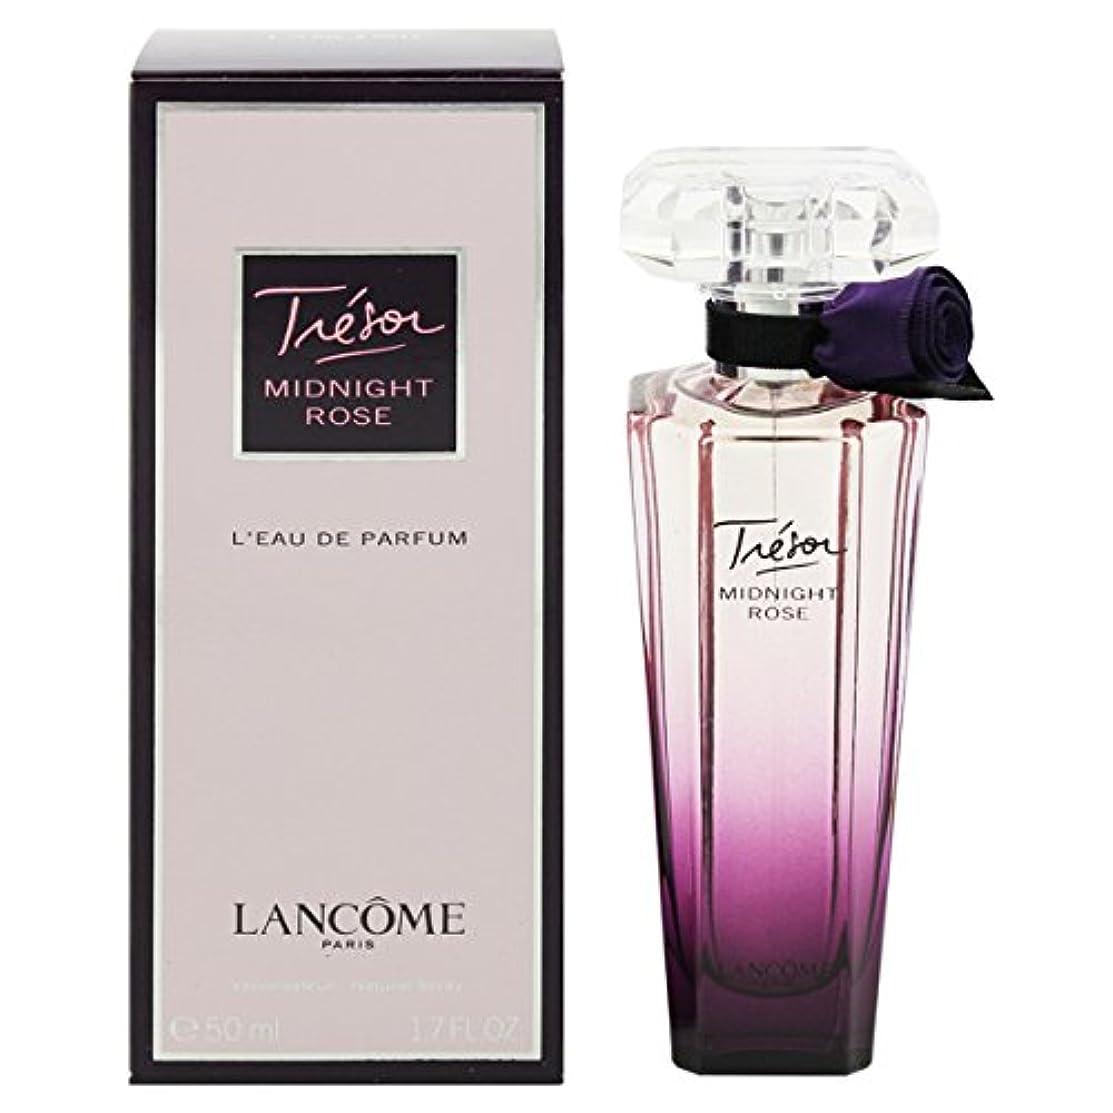 ジャケット真夜中定説Tresor Midnight Rose (トレゾア ミッドナイト ローズ) 1.7 oz (50ml) EDP Spray by Lancome for Women